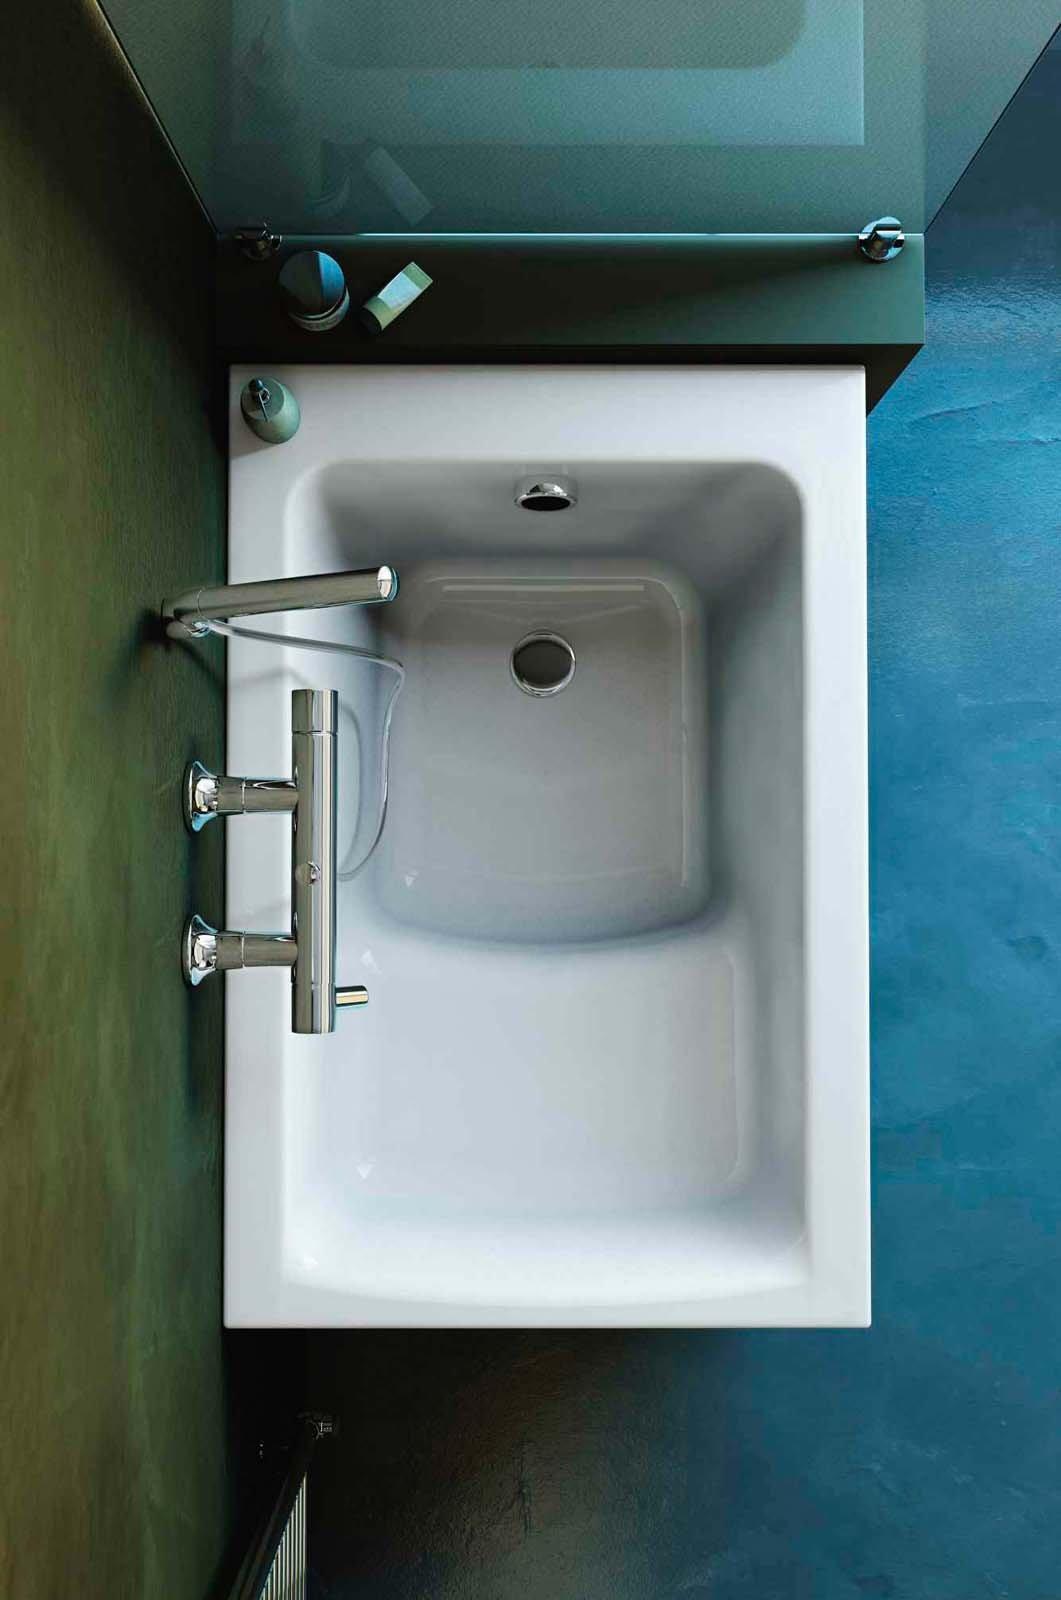 Vasche da bagno low cost a partire da 182 euro cose di casa - Vasche da bagno piccole con seduta ...